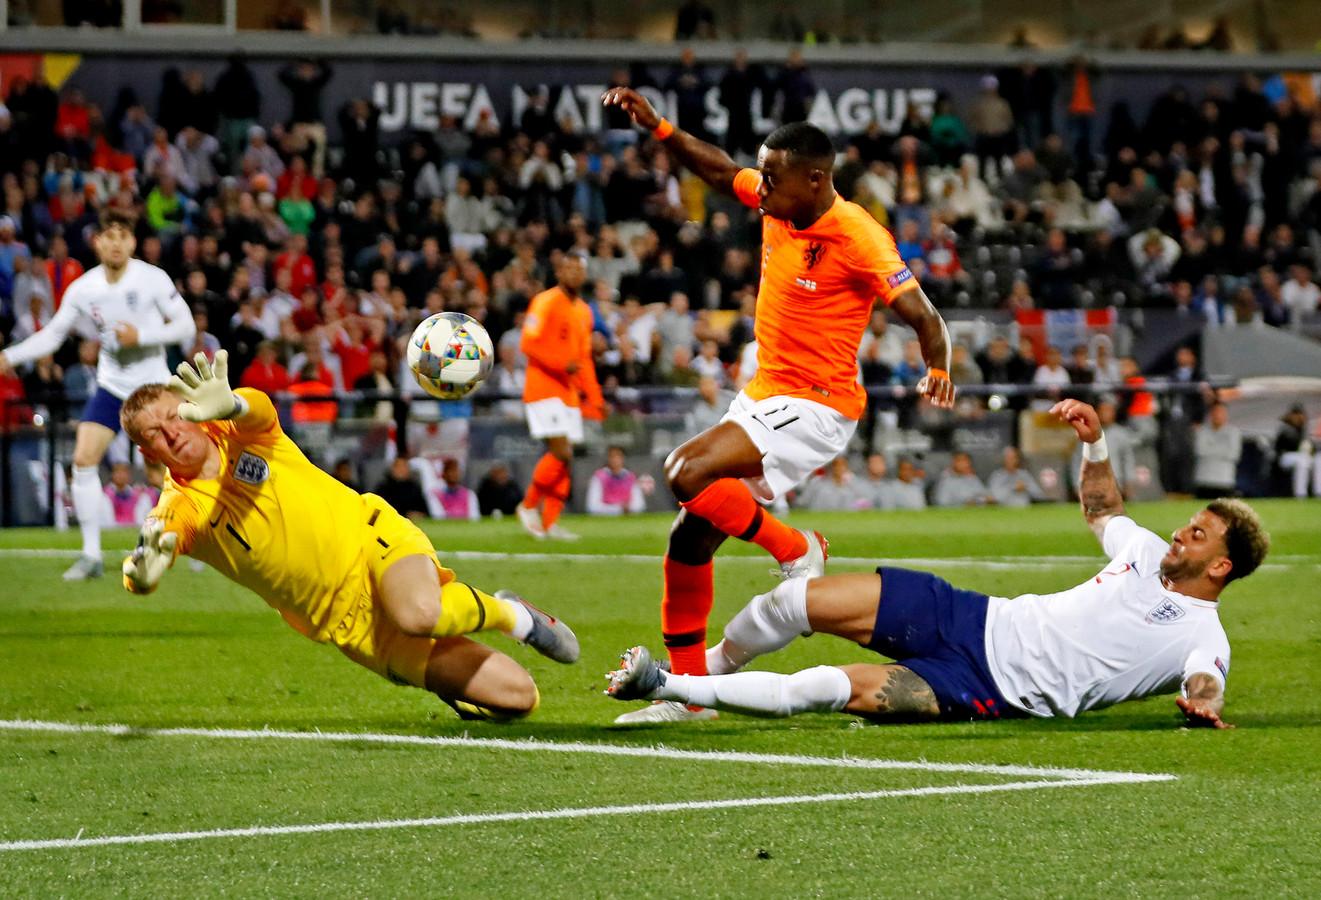 Kyle Walker raakt als ;laatste de bal bij de 2-1 van Oranje. Midden: Quincy Promes. Links Jordan Pickford.